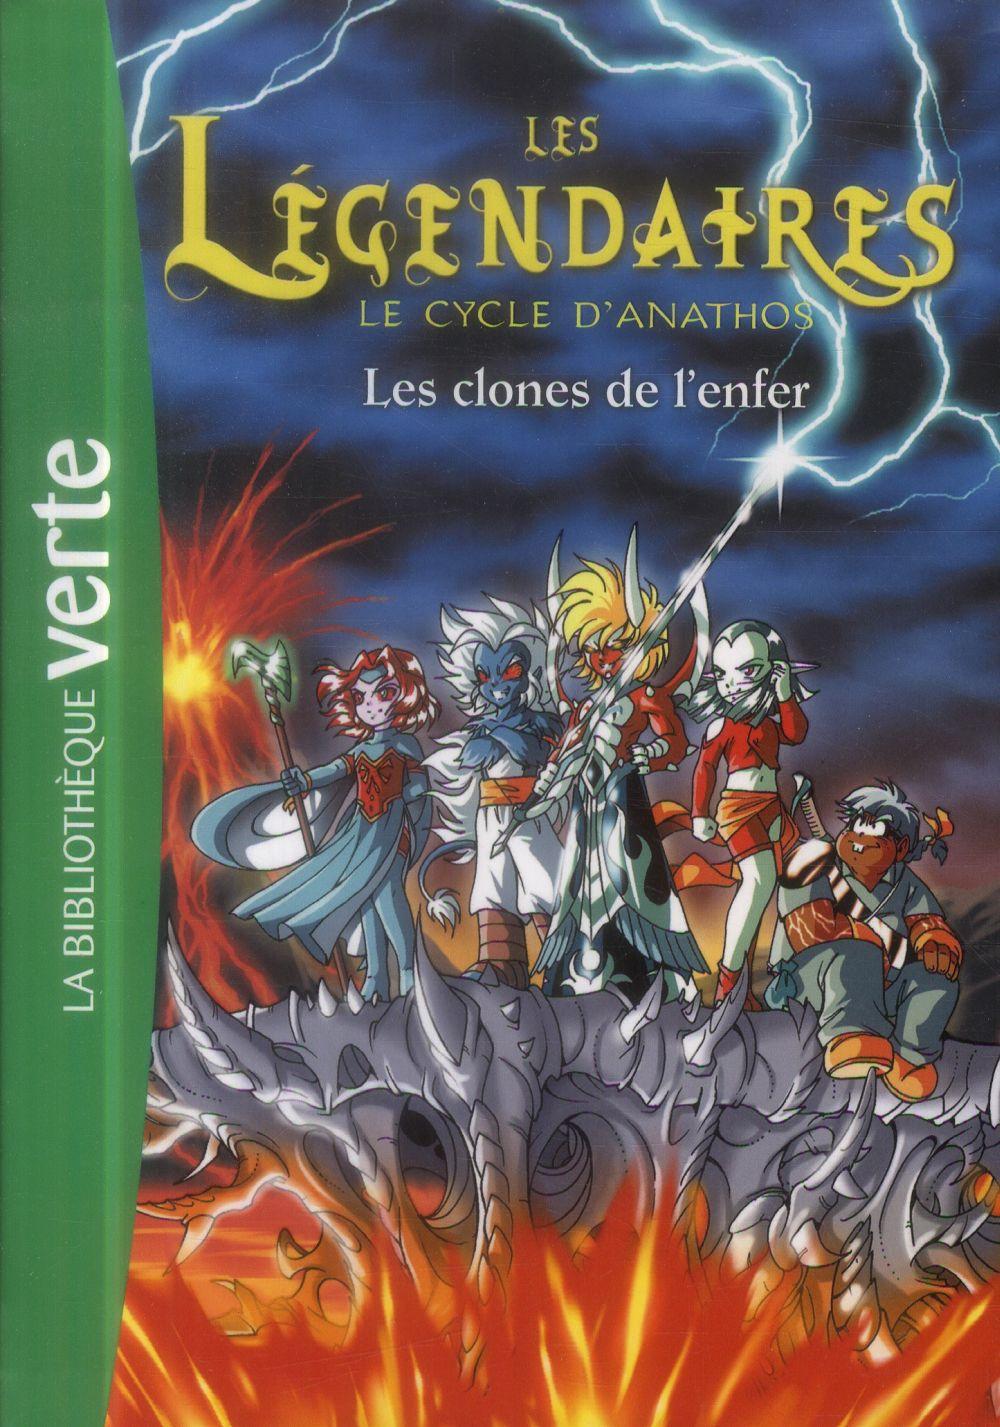 LES LEGENDAIRES - T11 - LES LEGENDAIRES 11 - LES CLONES DE L'ENFER Jarry Nicolas Hachette Jeunesse